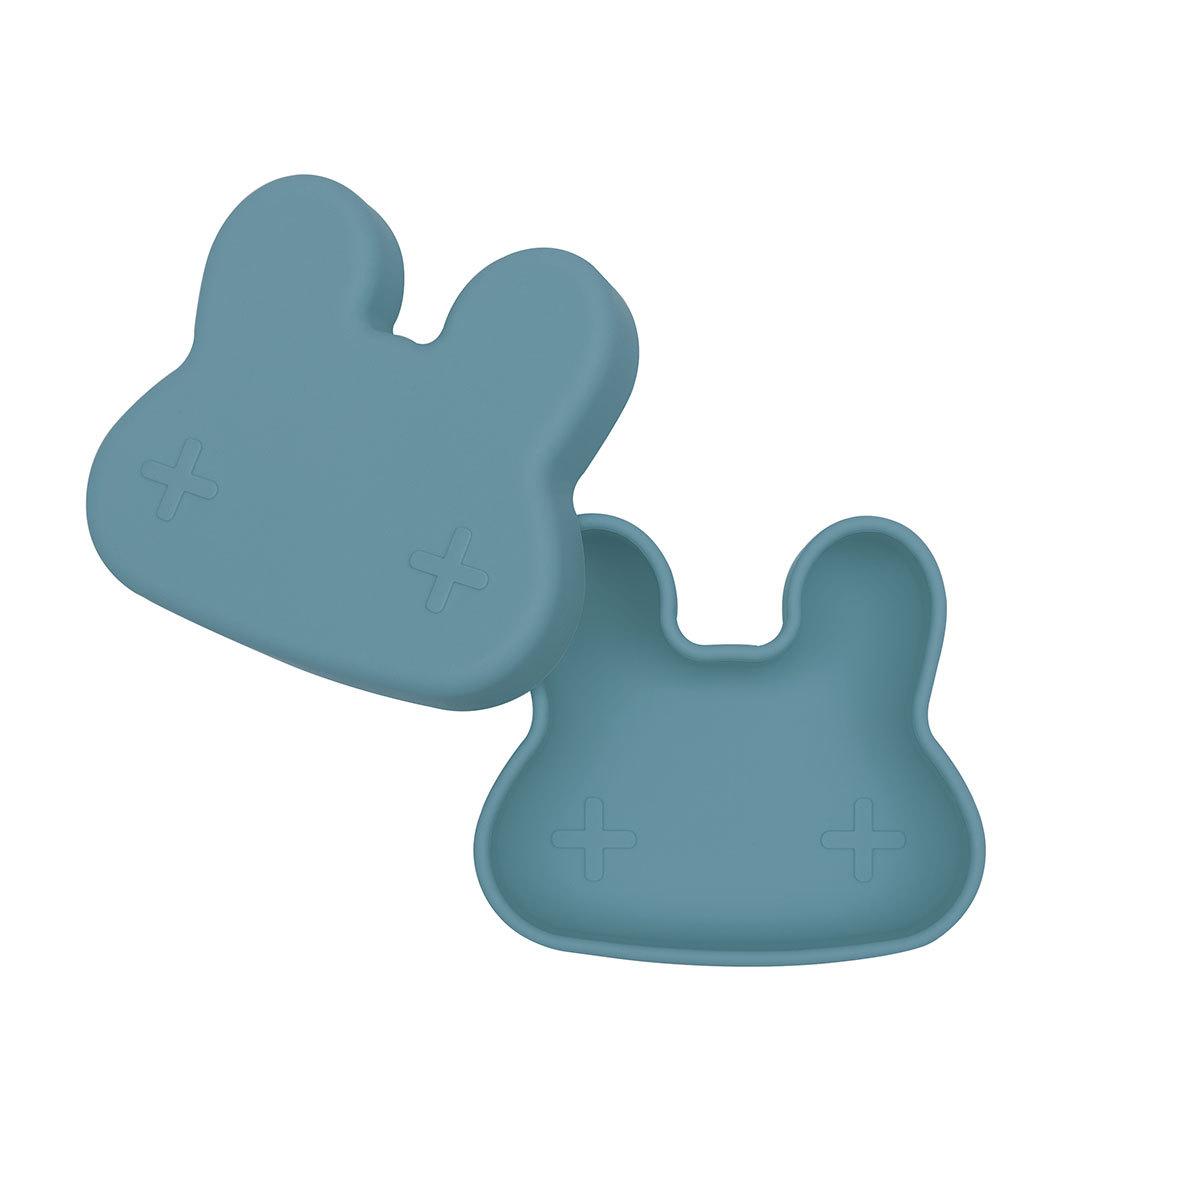 Vaisselle & Couvert Petite Boîte à Goûter Lapin - Blue Dusk Petite Boîte à Goûter Lapin - Blue Dusk